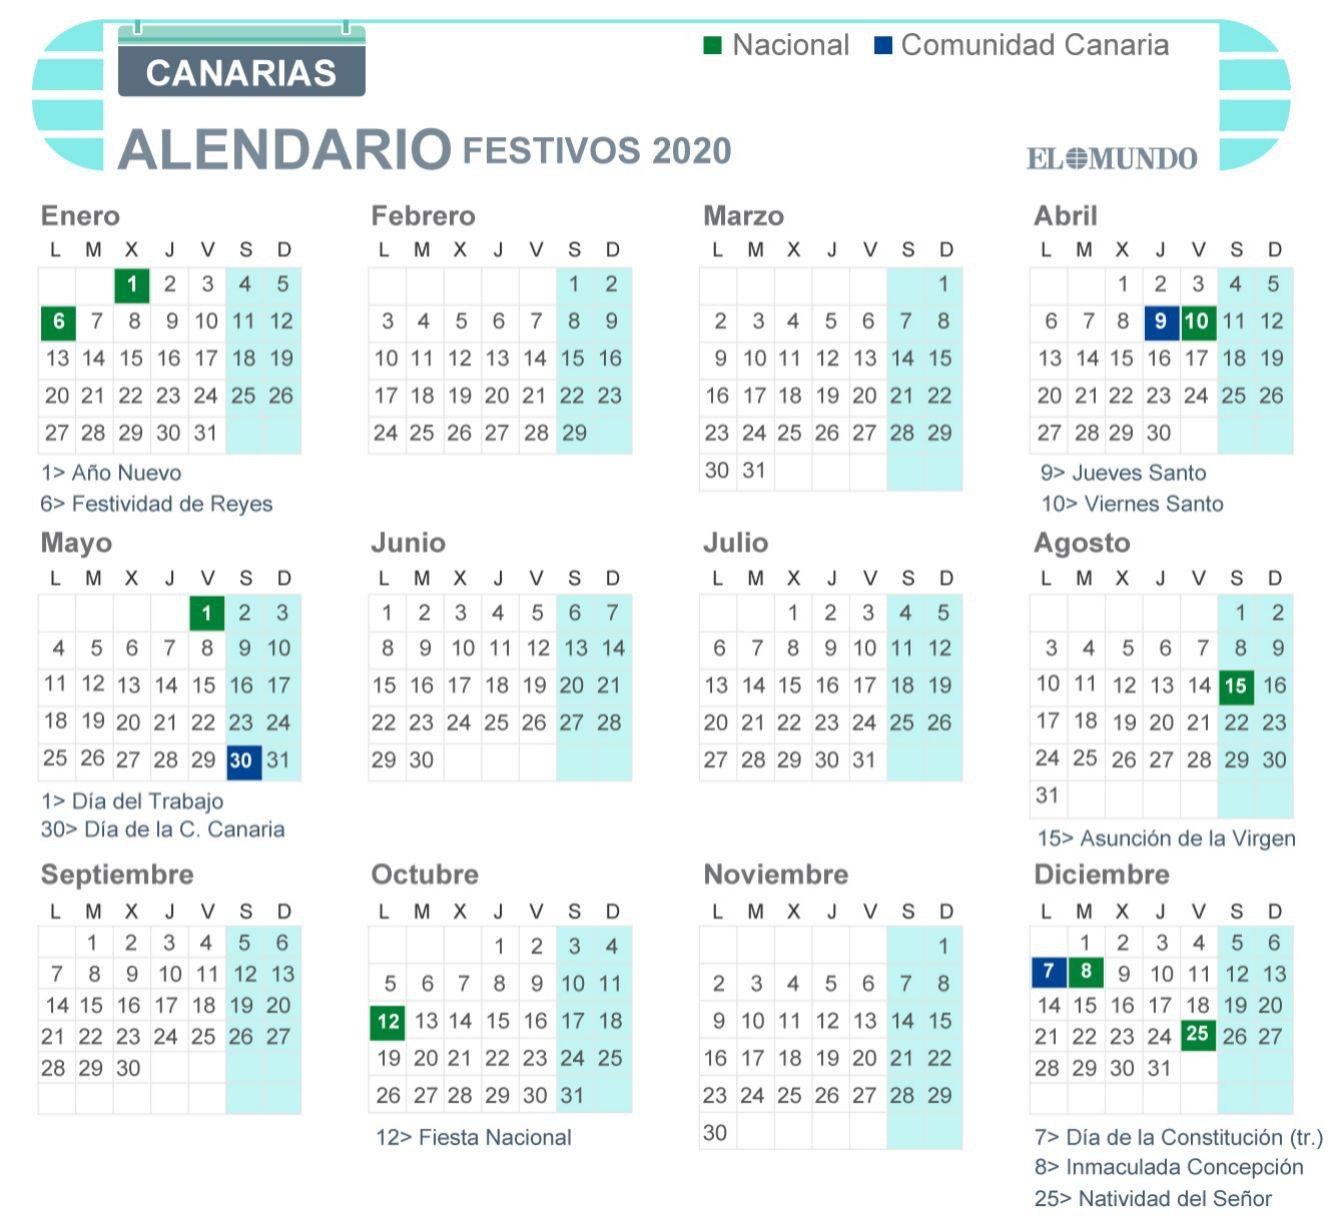 Calendario laboral de Canarias 2020